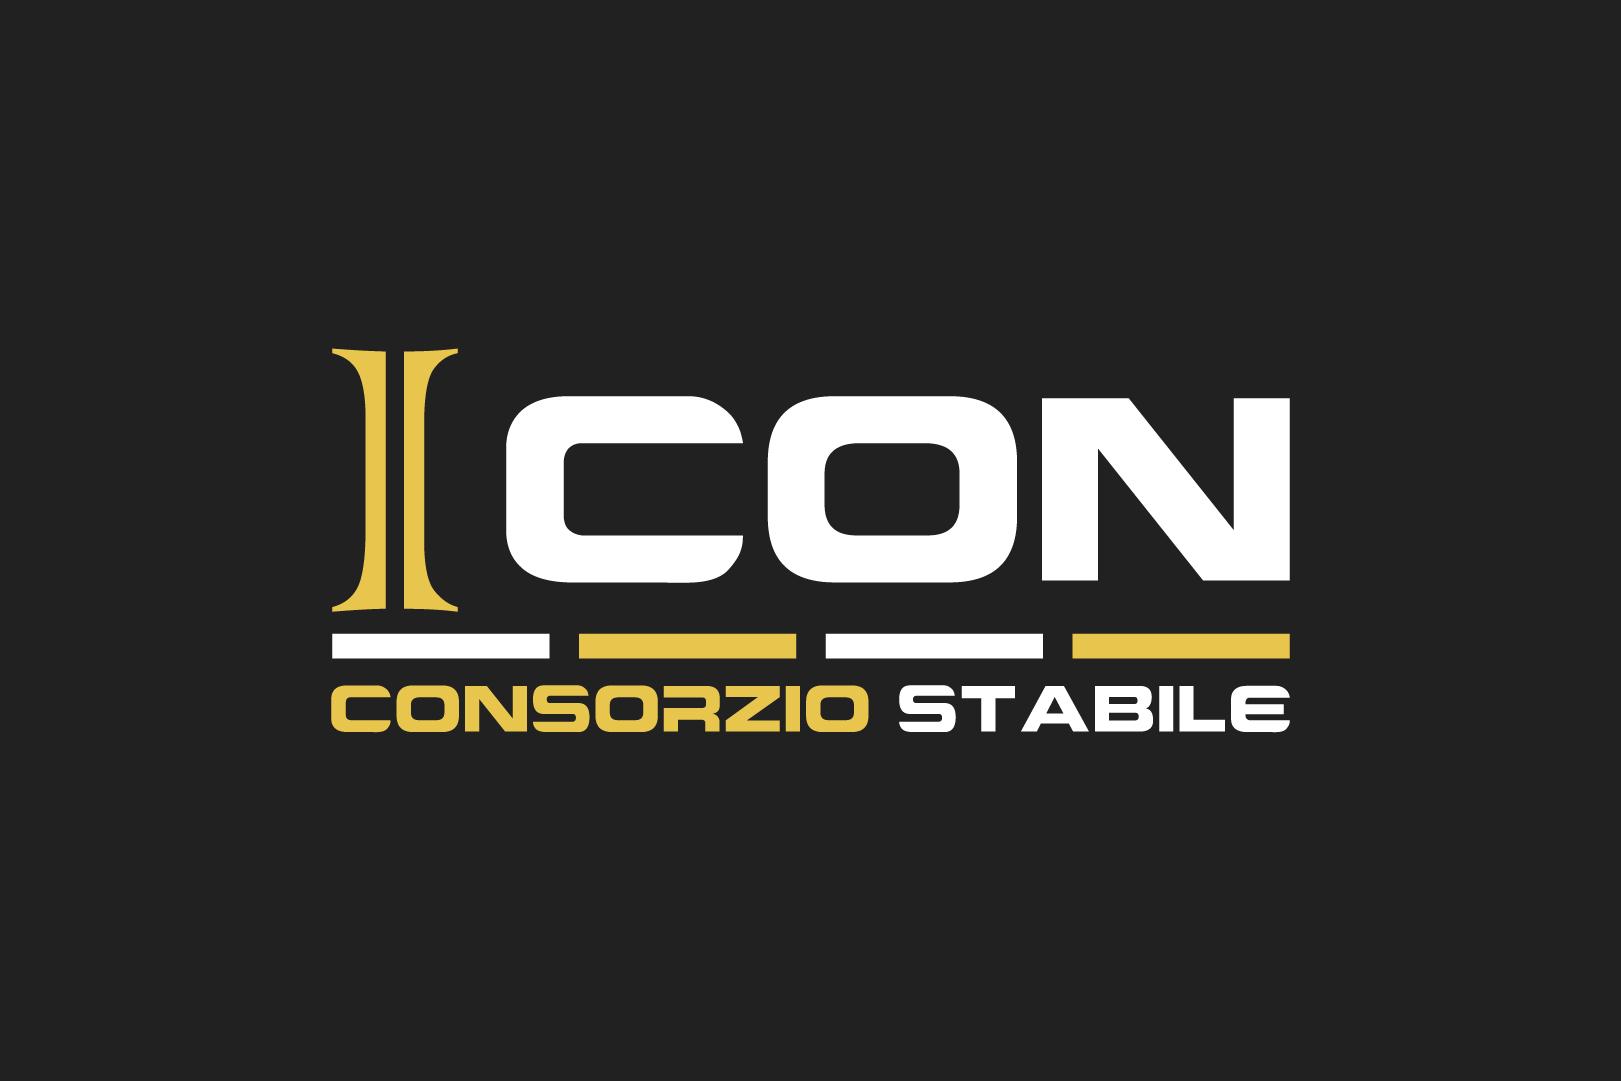 consorzio-icon-portfolio-elevendots